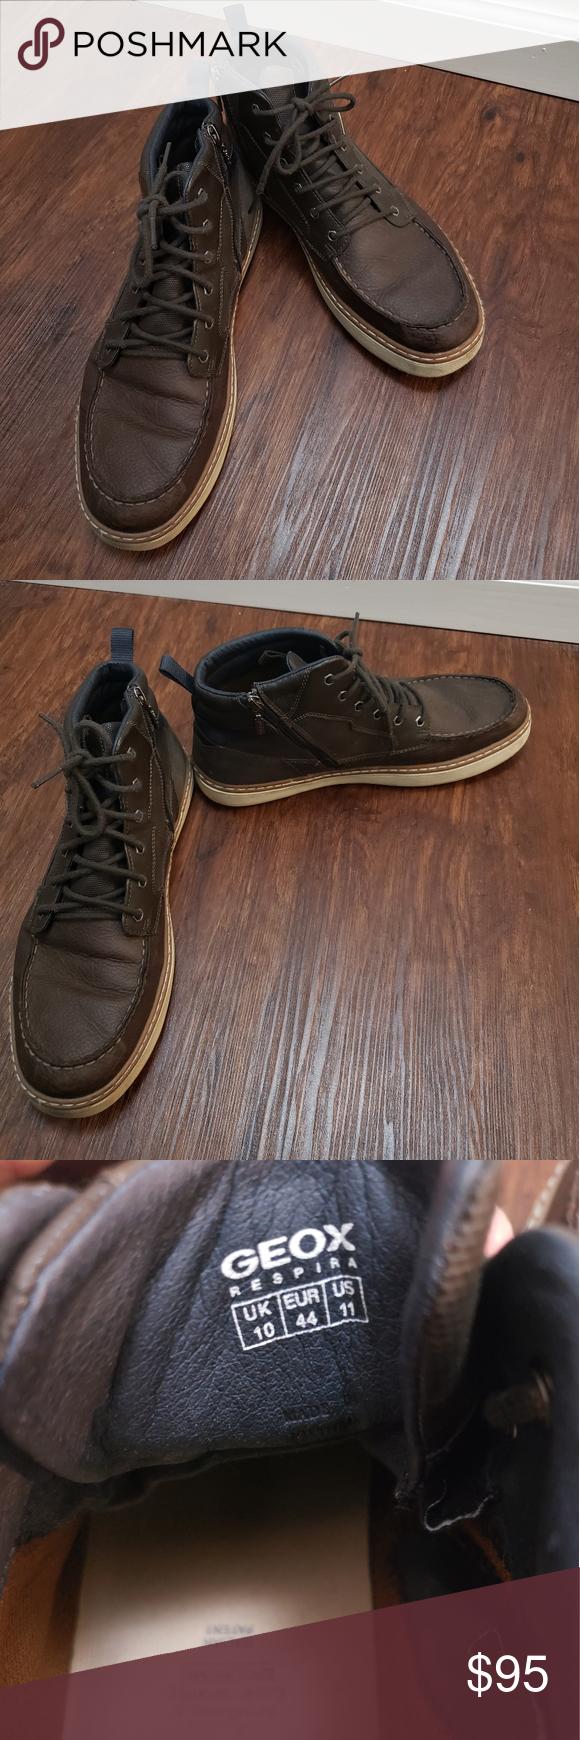 lavanda Restaurar recepción  Geox Respira Boots , brown US11 Geox Respira Boots , brown US11 in very  good condition. Geox Shoes Boots | Boots, Shoe boots, Geox shoes